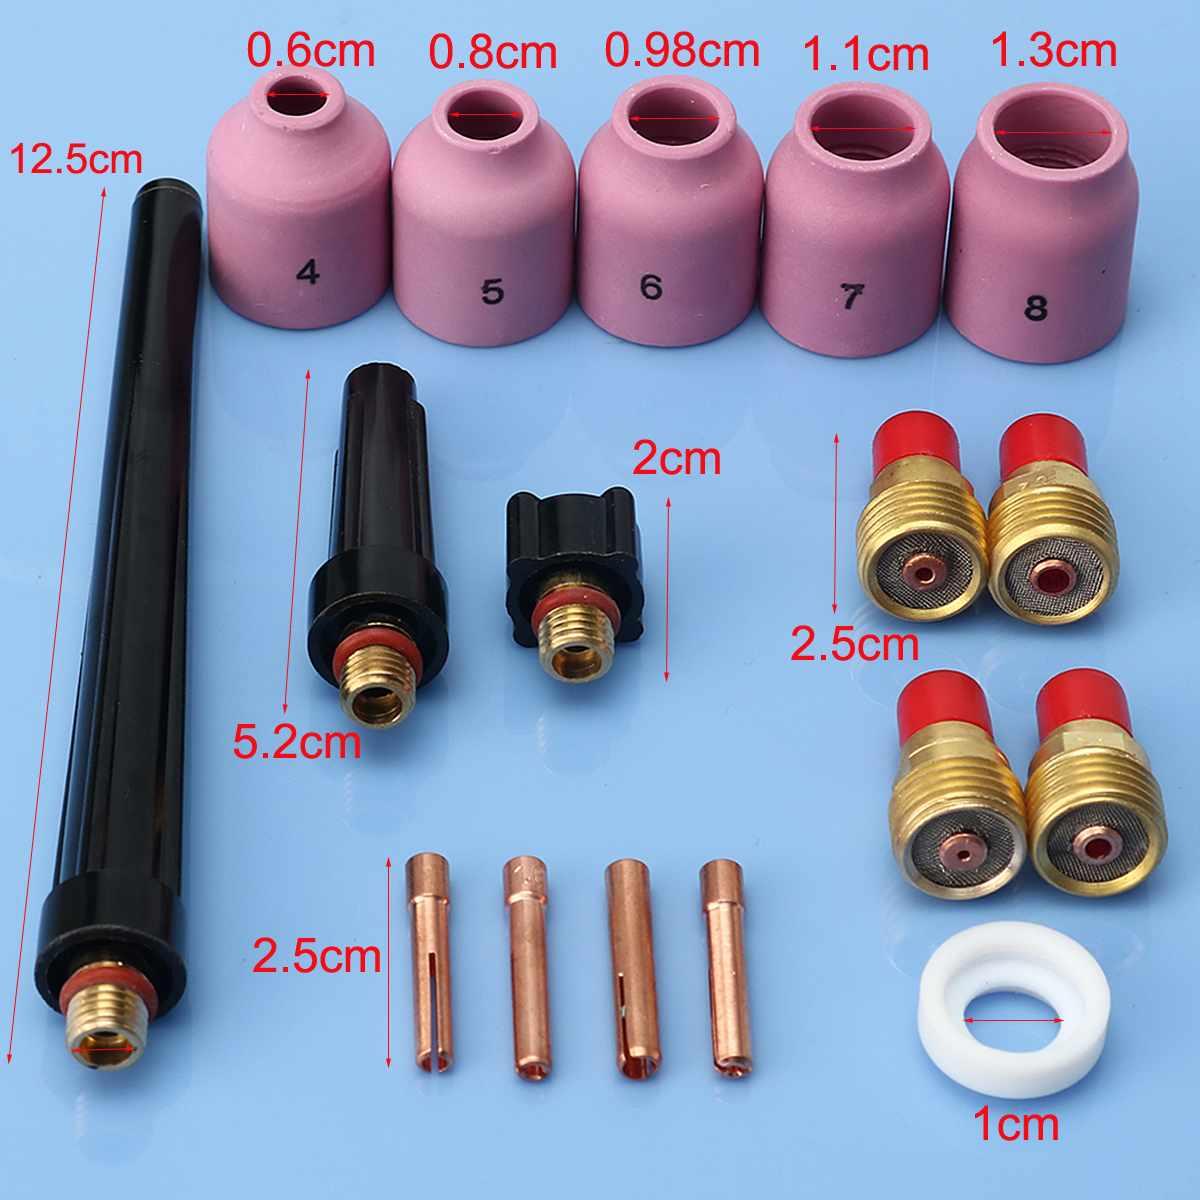 Heißer Verkauf 17 stücke Wig-schweißbrenner Gas Objektiv Zubehör Full Kit Set für WP9/20/25 Serie 0,040